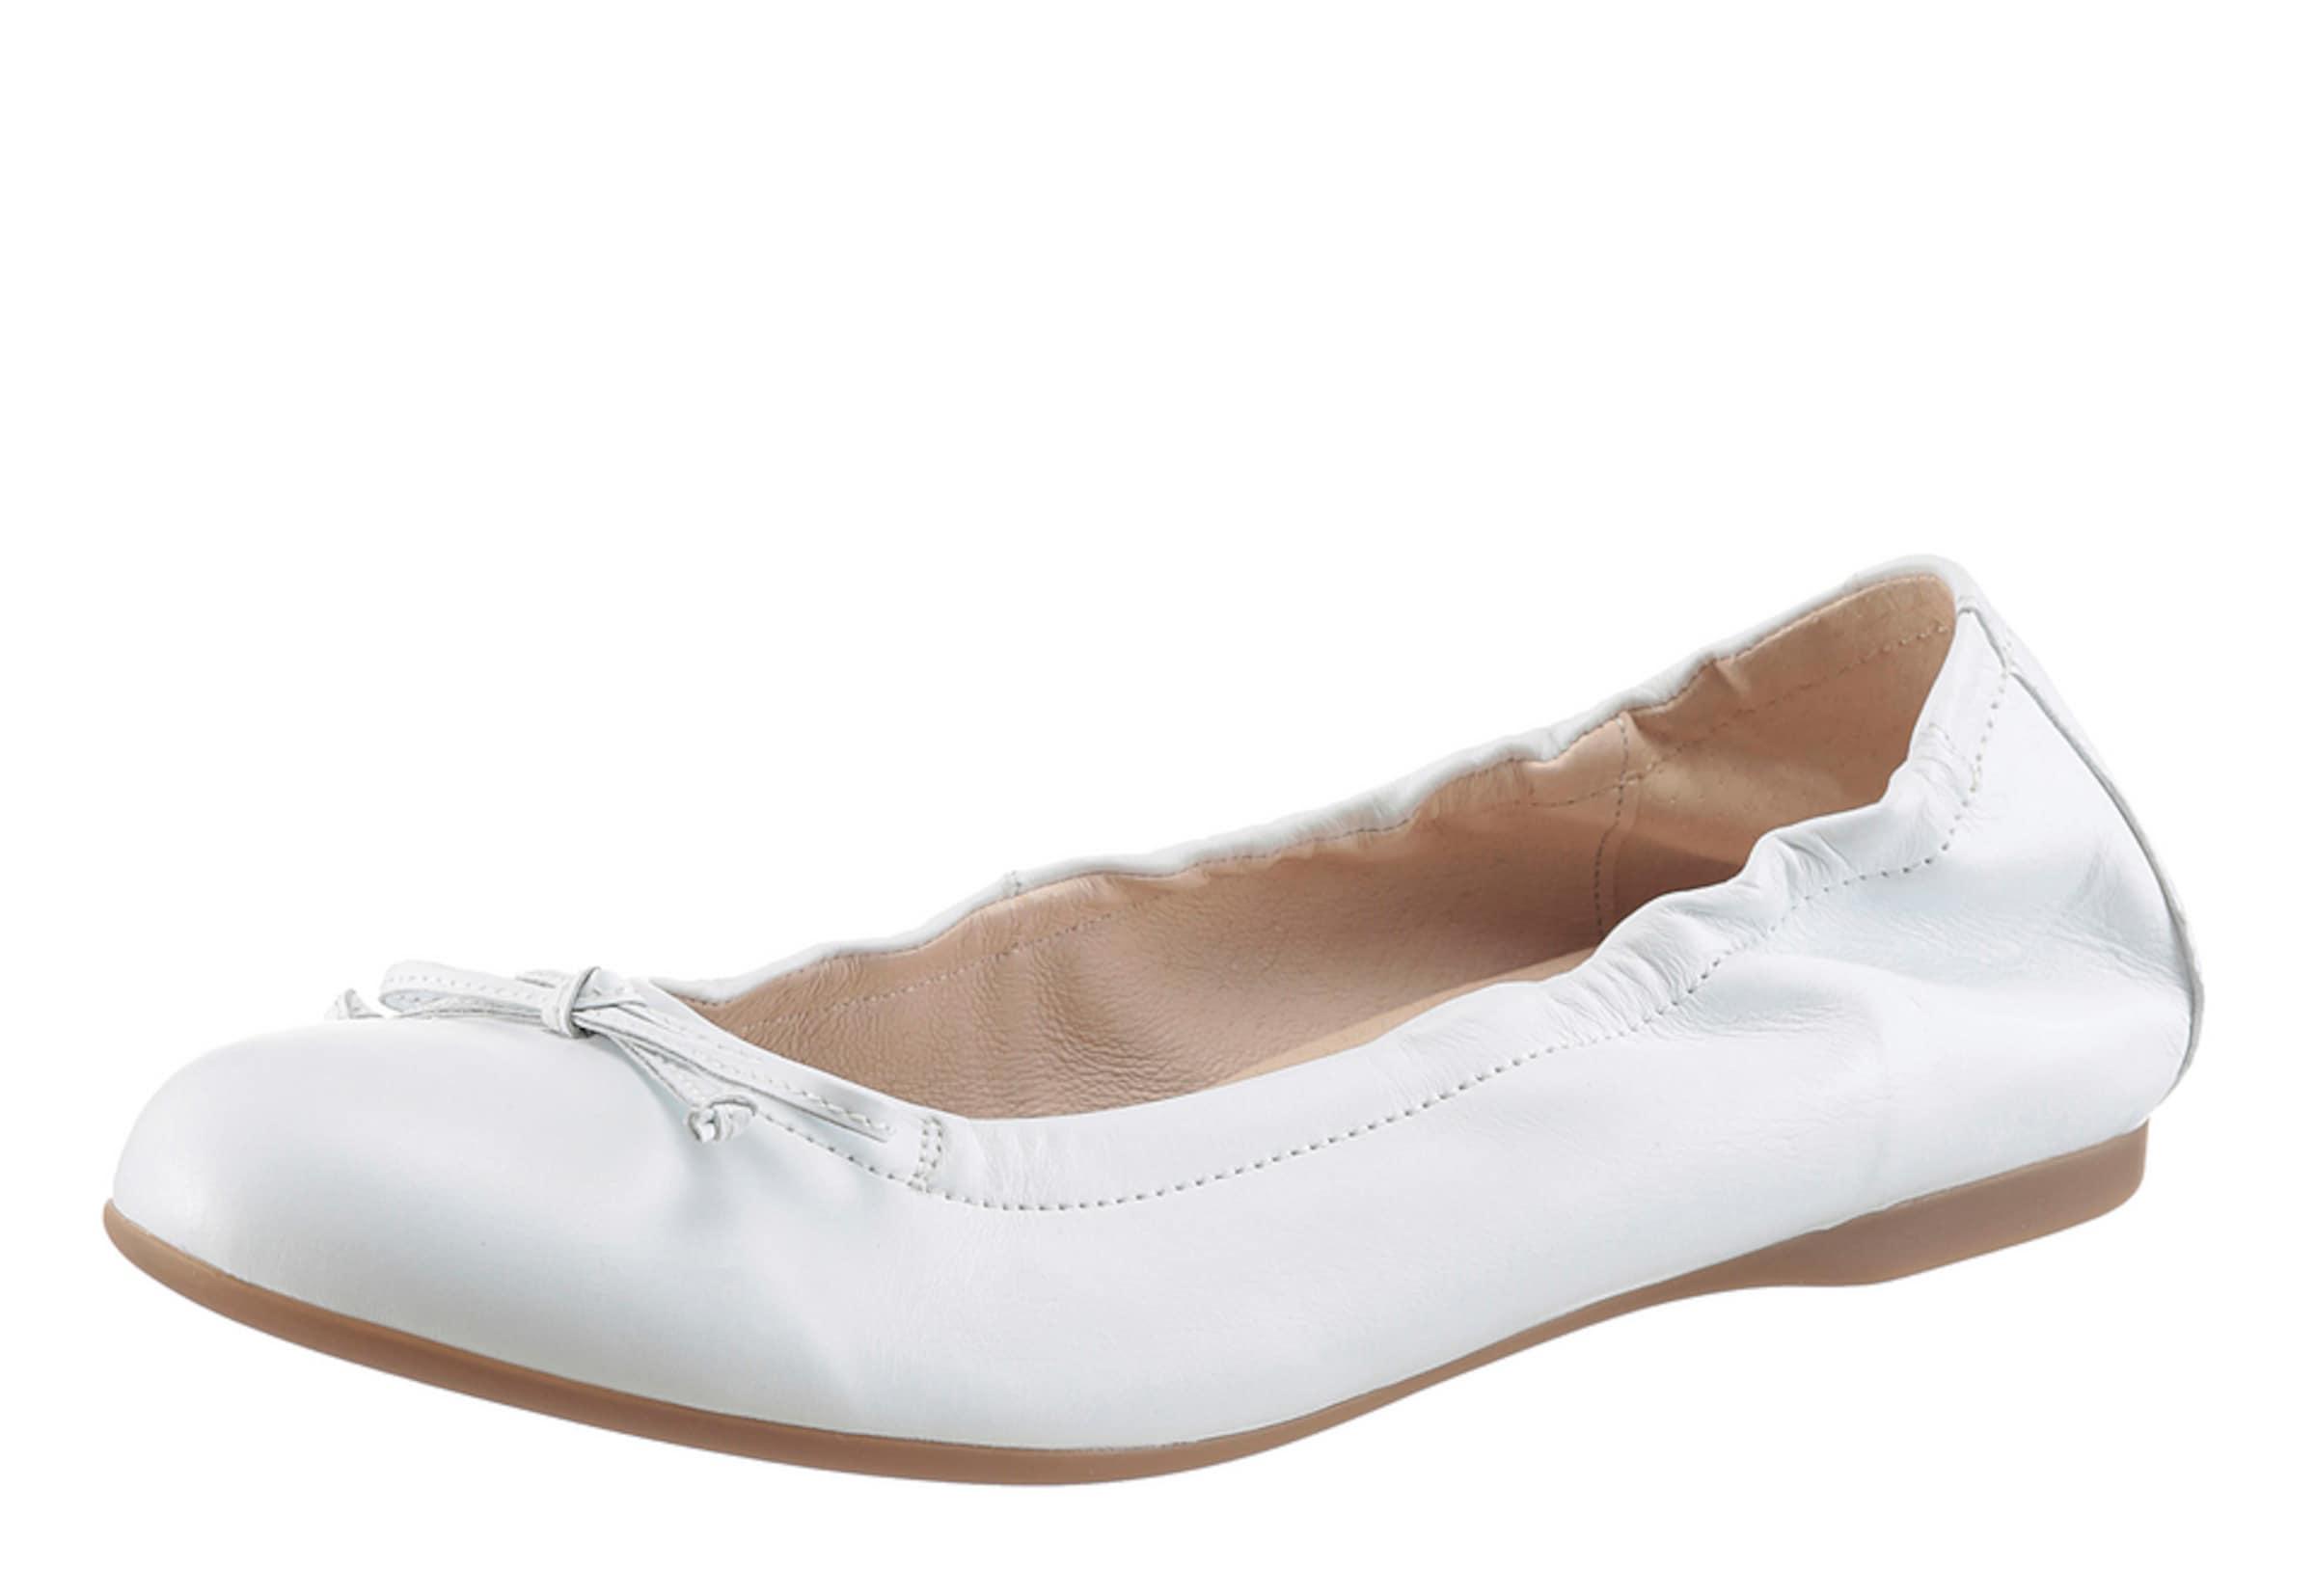 Am Besten Zu Verkaufen GABOR Ballerina Billig Verkaufen Wiki UDz0U